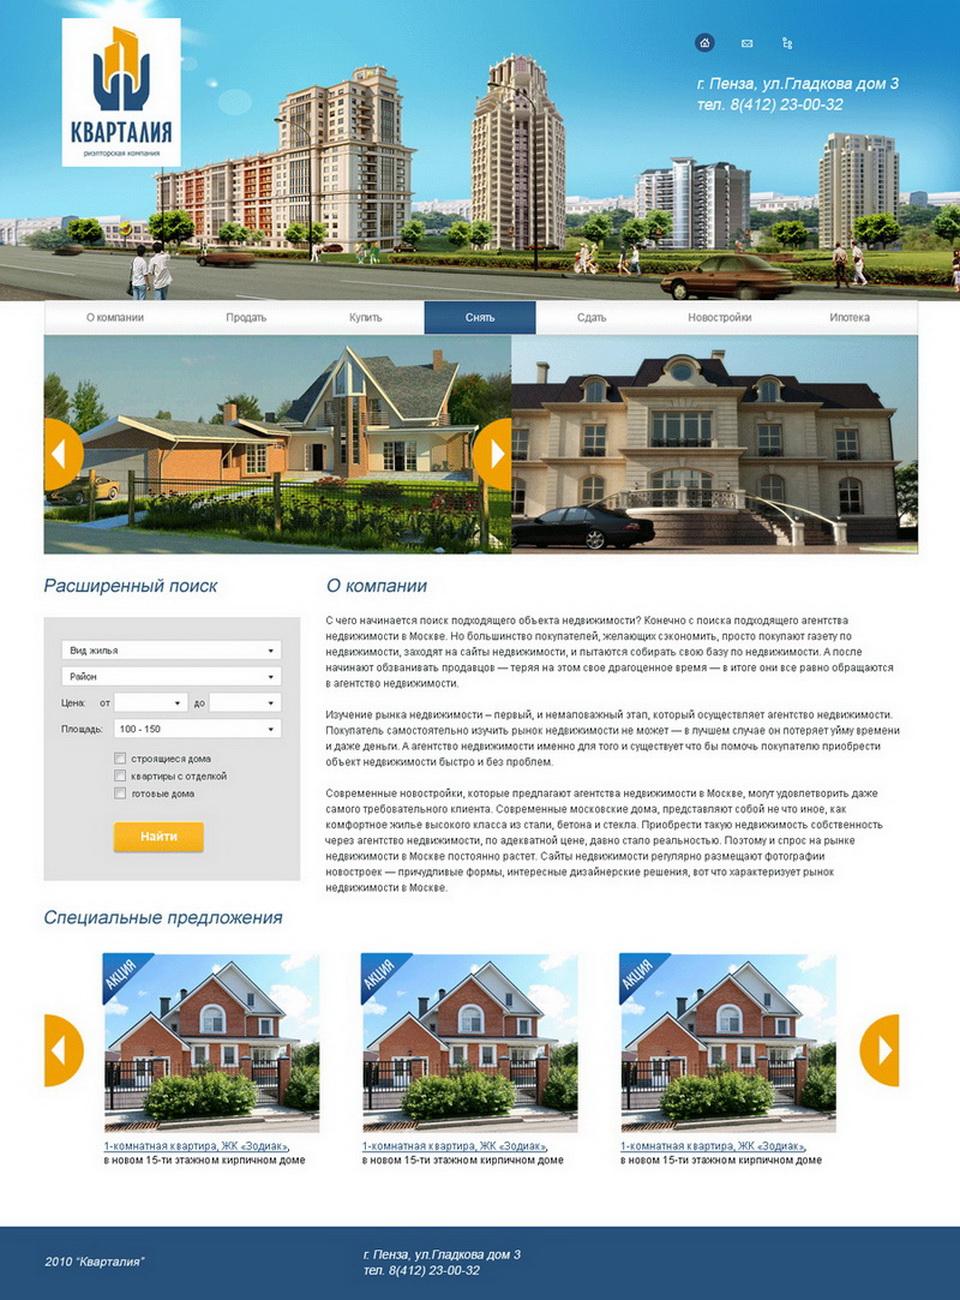 Заказать дизайн сайта и верстку сайта